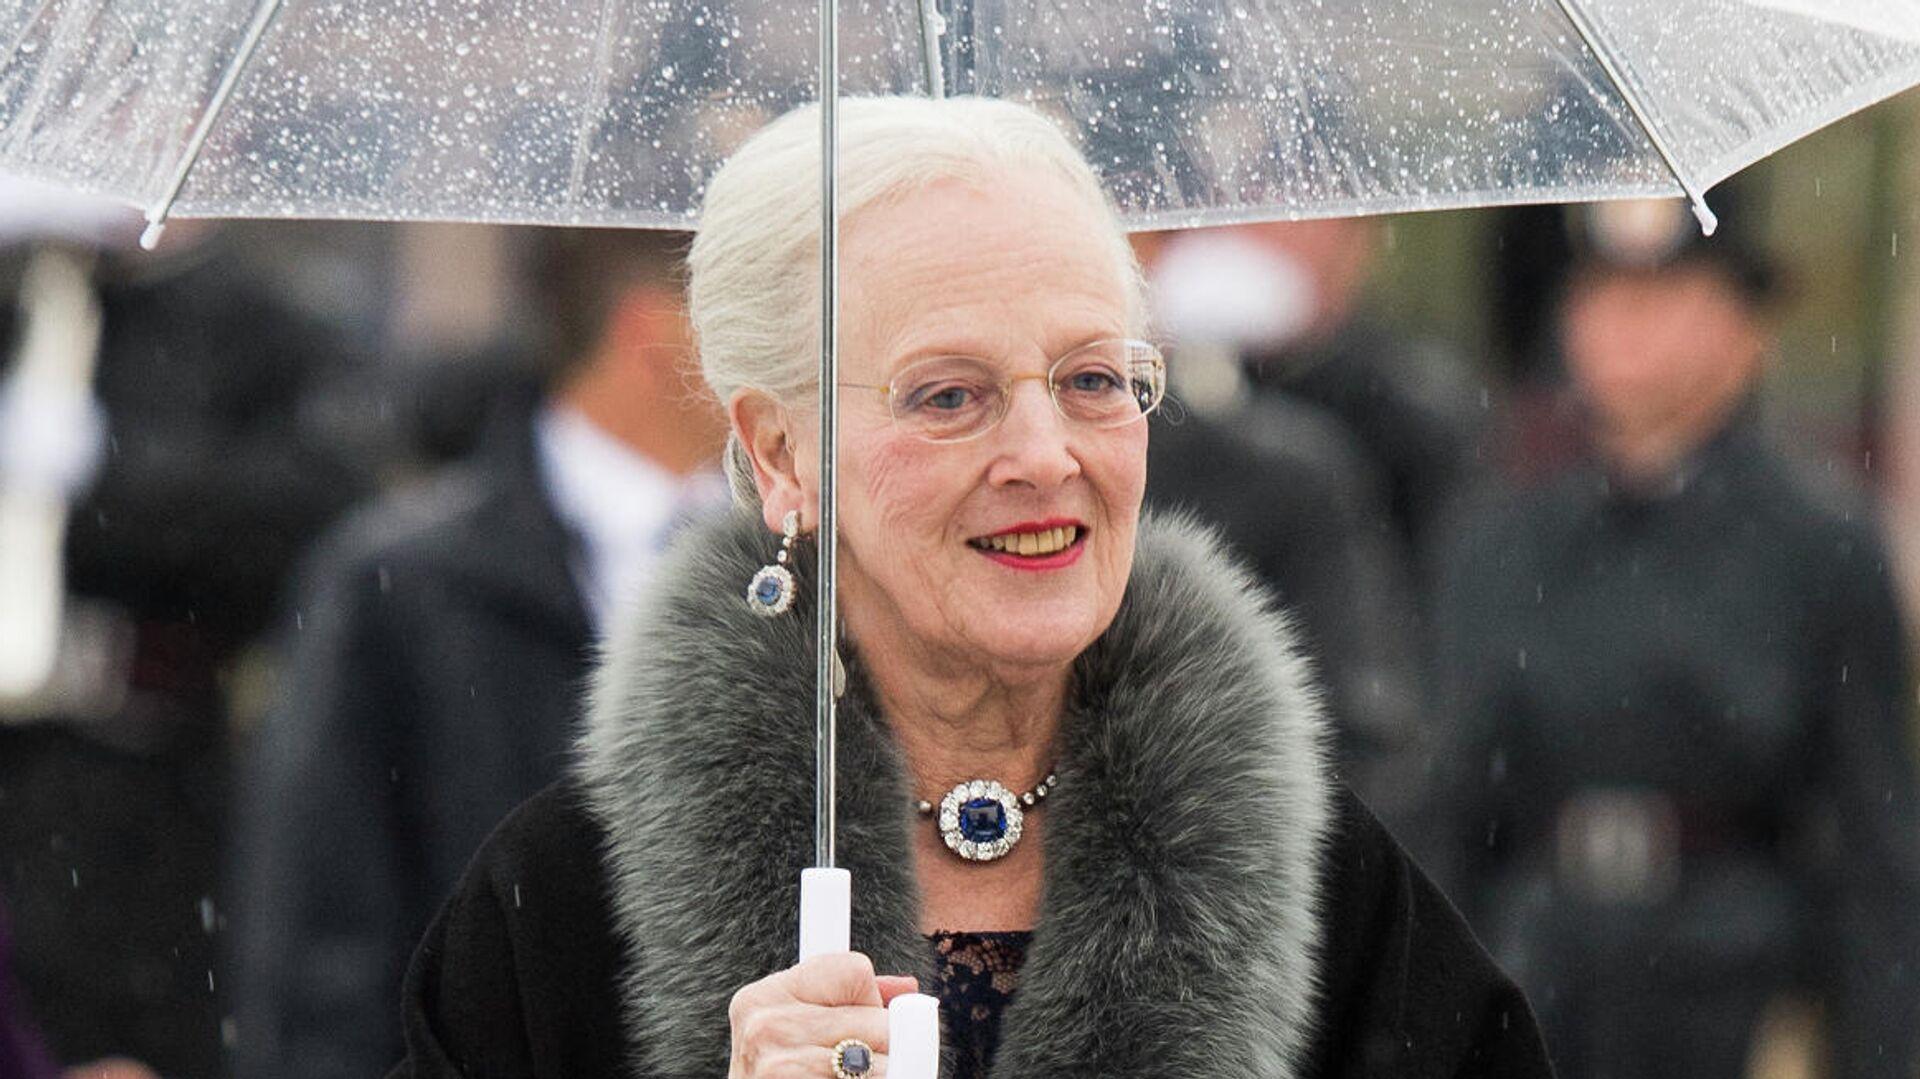 Margarita II, reina de Dinamarca, llega a una gala de la monarquía noruega el 10 de mayo de 2017 - Sputnik Mundo, 1920, 13.07.2021